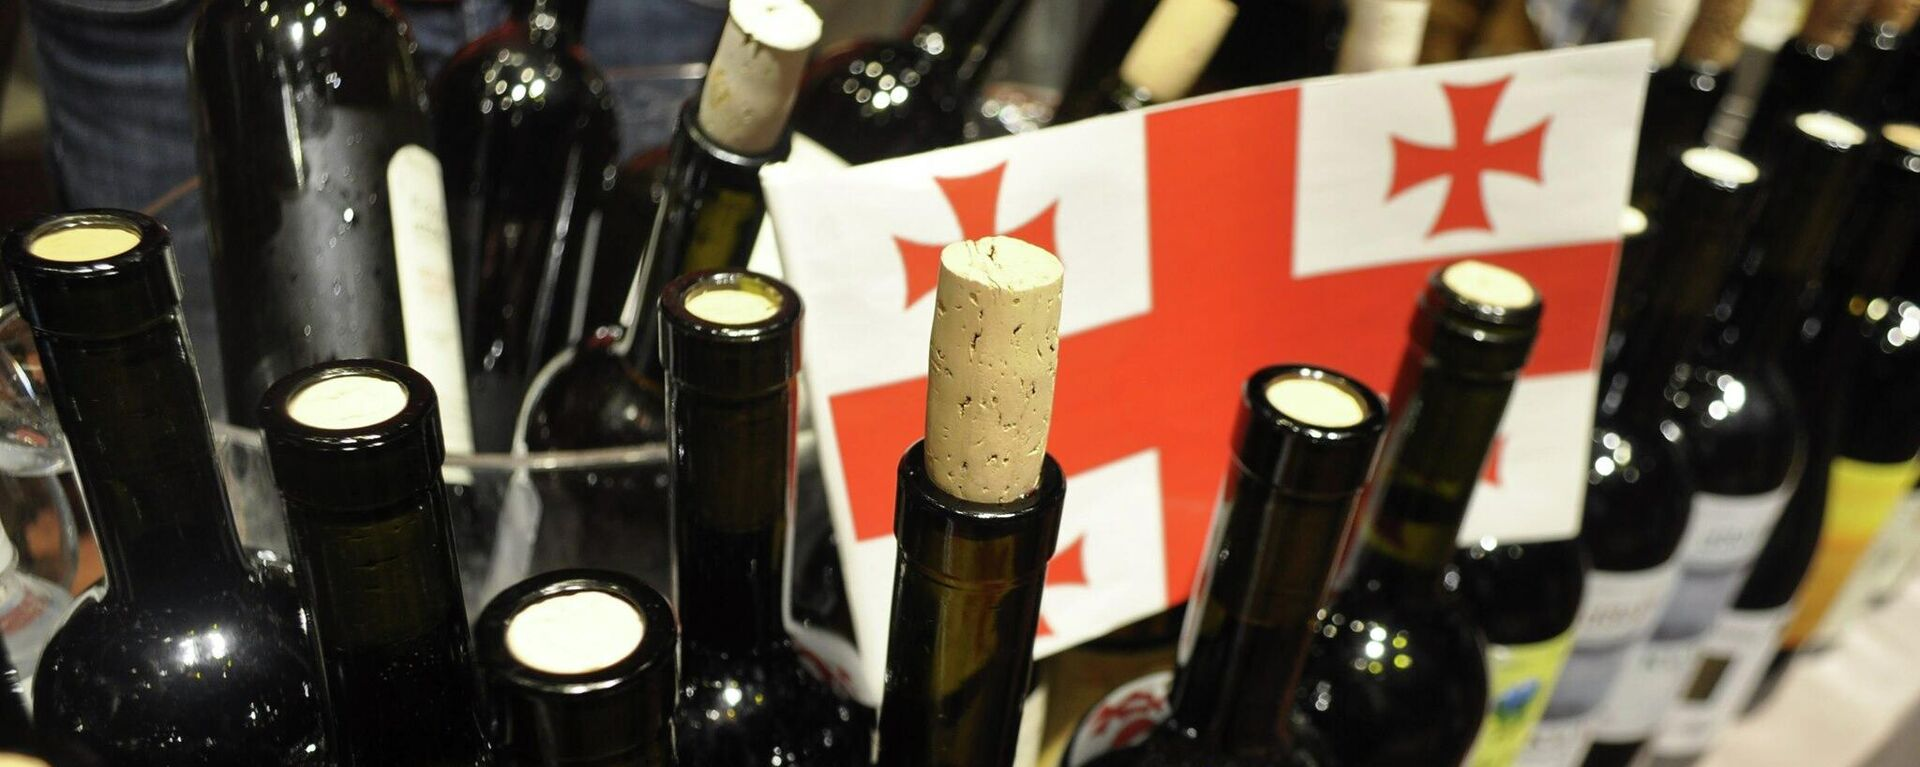 Грузинское вино - Sputnik Грузия, 1920, 05.09.2021